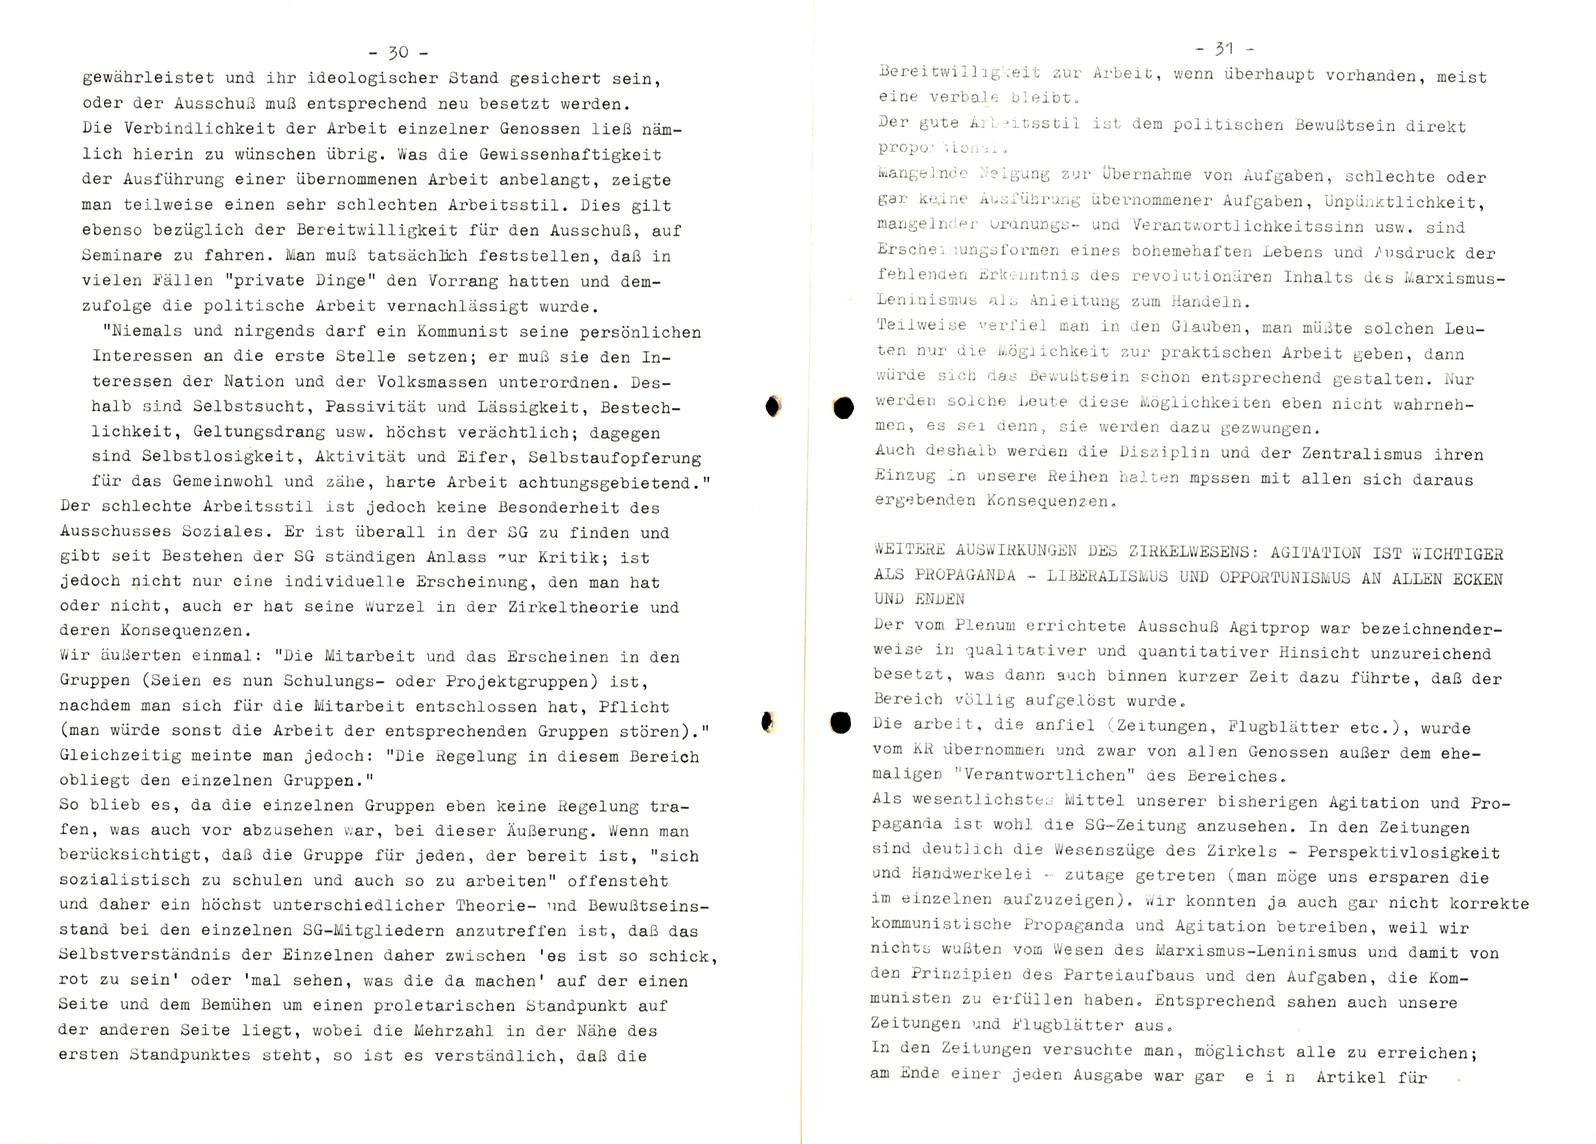 Aachen_KSBML_1971_Selbstkritik_17